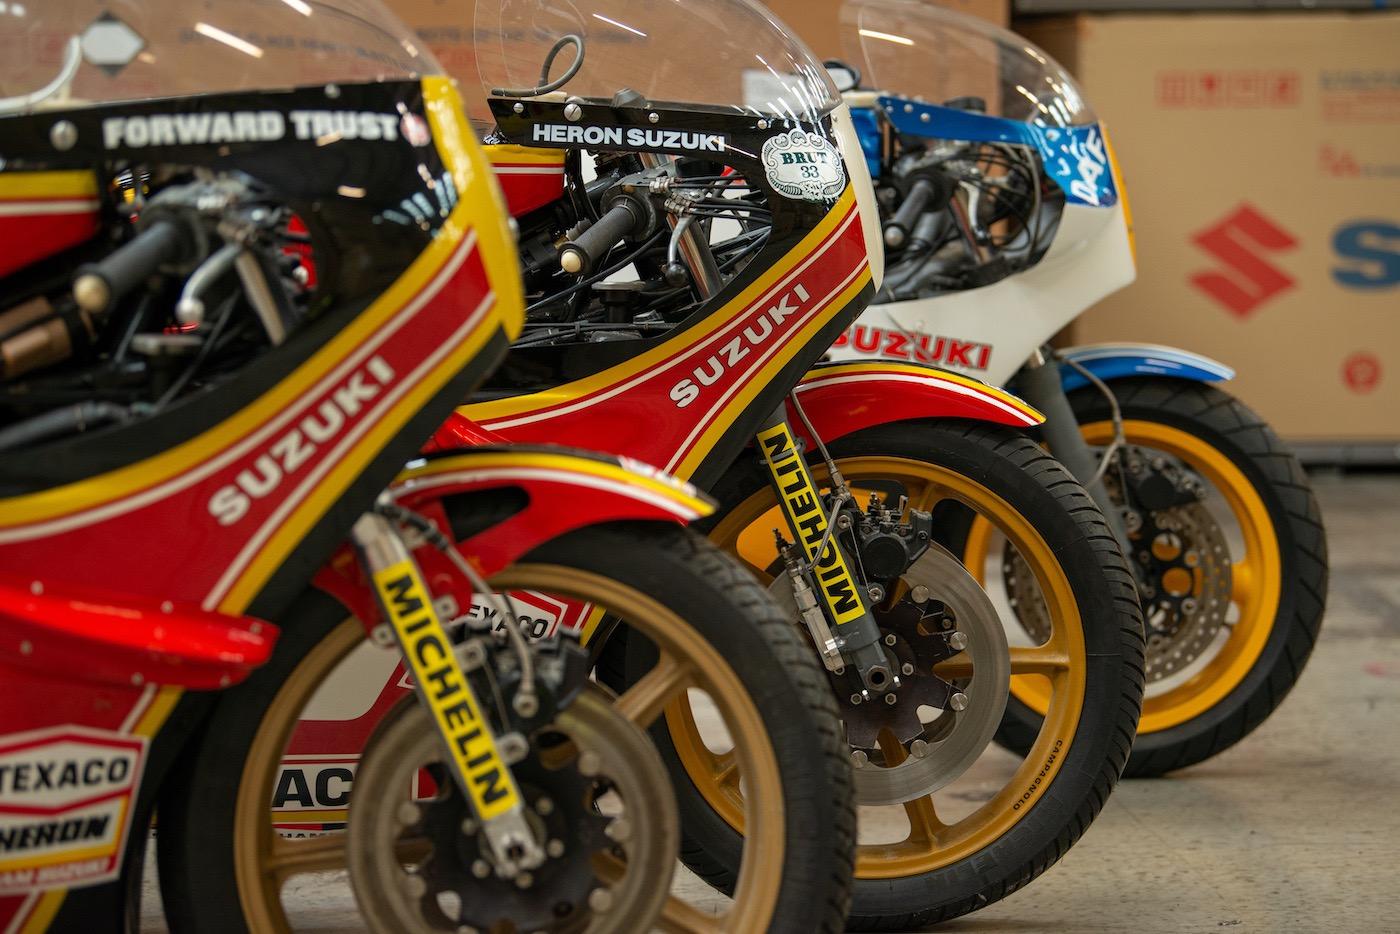 Barry Sheene Suzuki Race Bikes To Be Restored